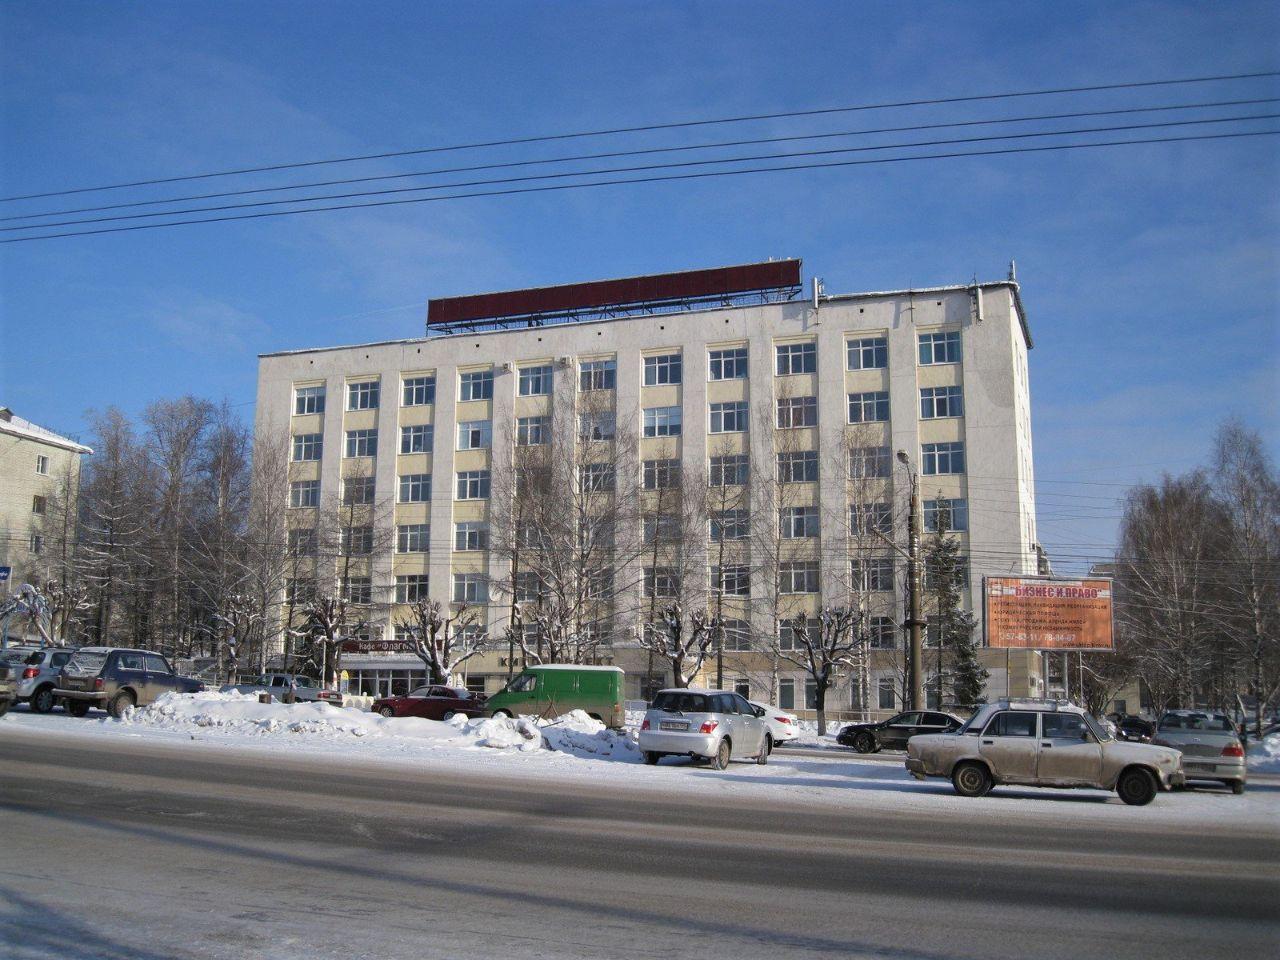 Аренда офисов г киров помещение для персонала Бориса Галушкина улица